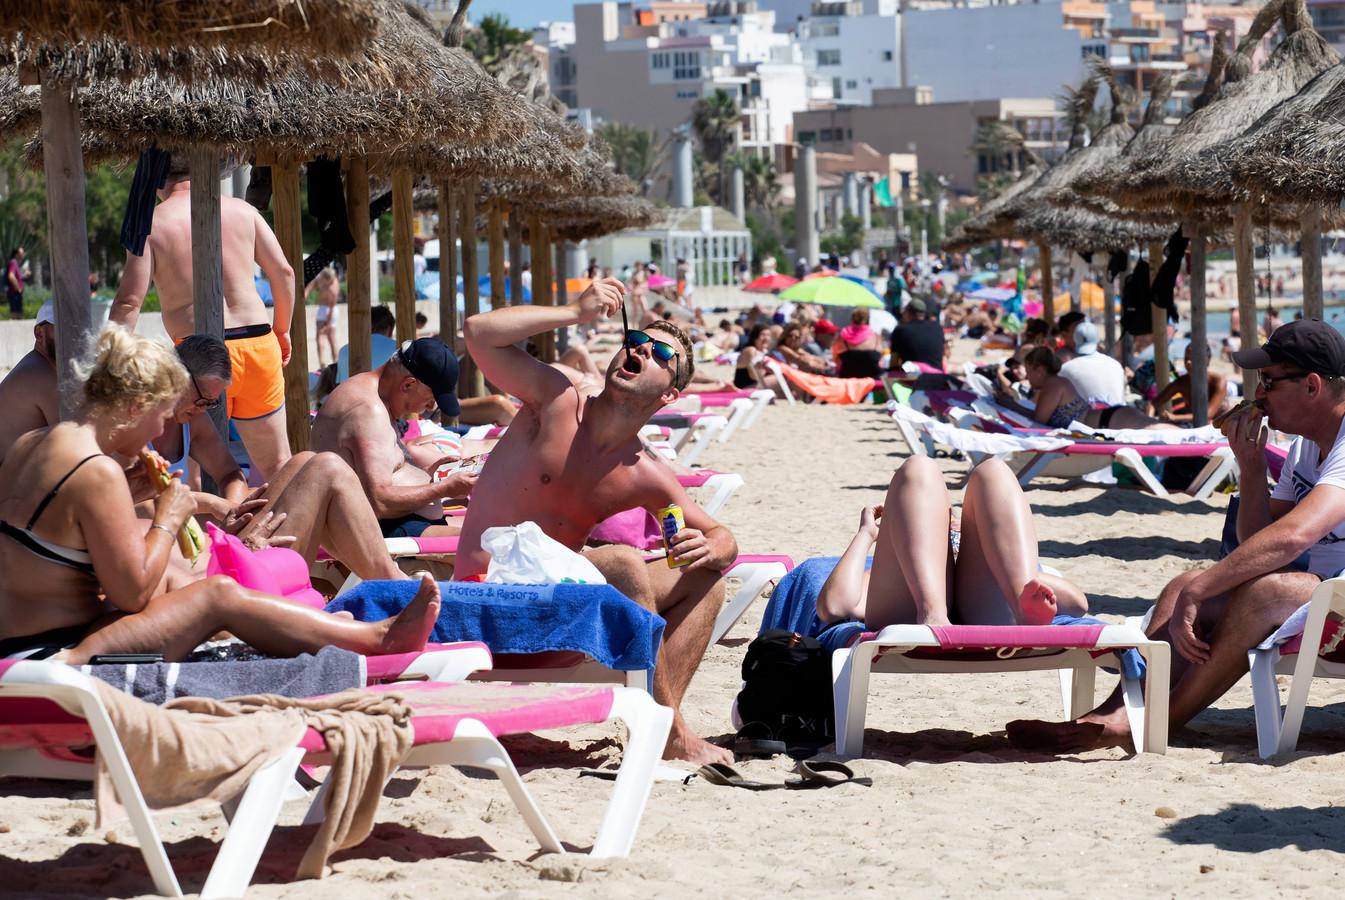 Toeristen genieten van de zon op het strand van Mallorca.